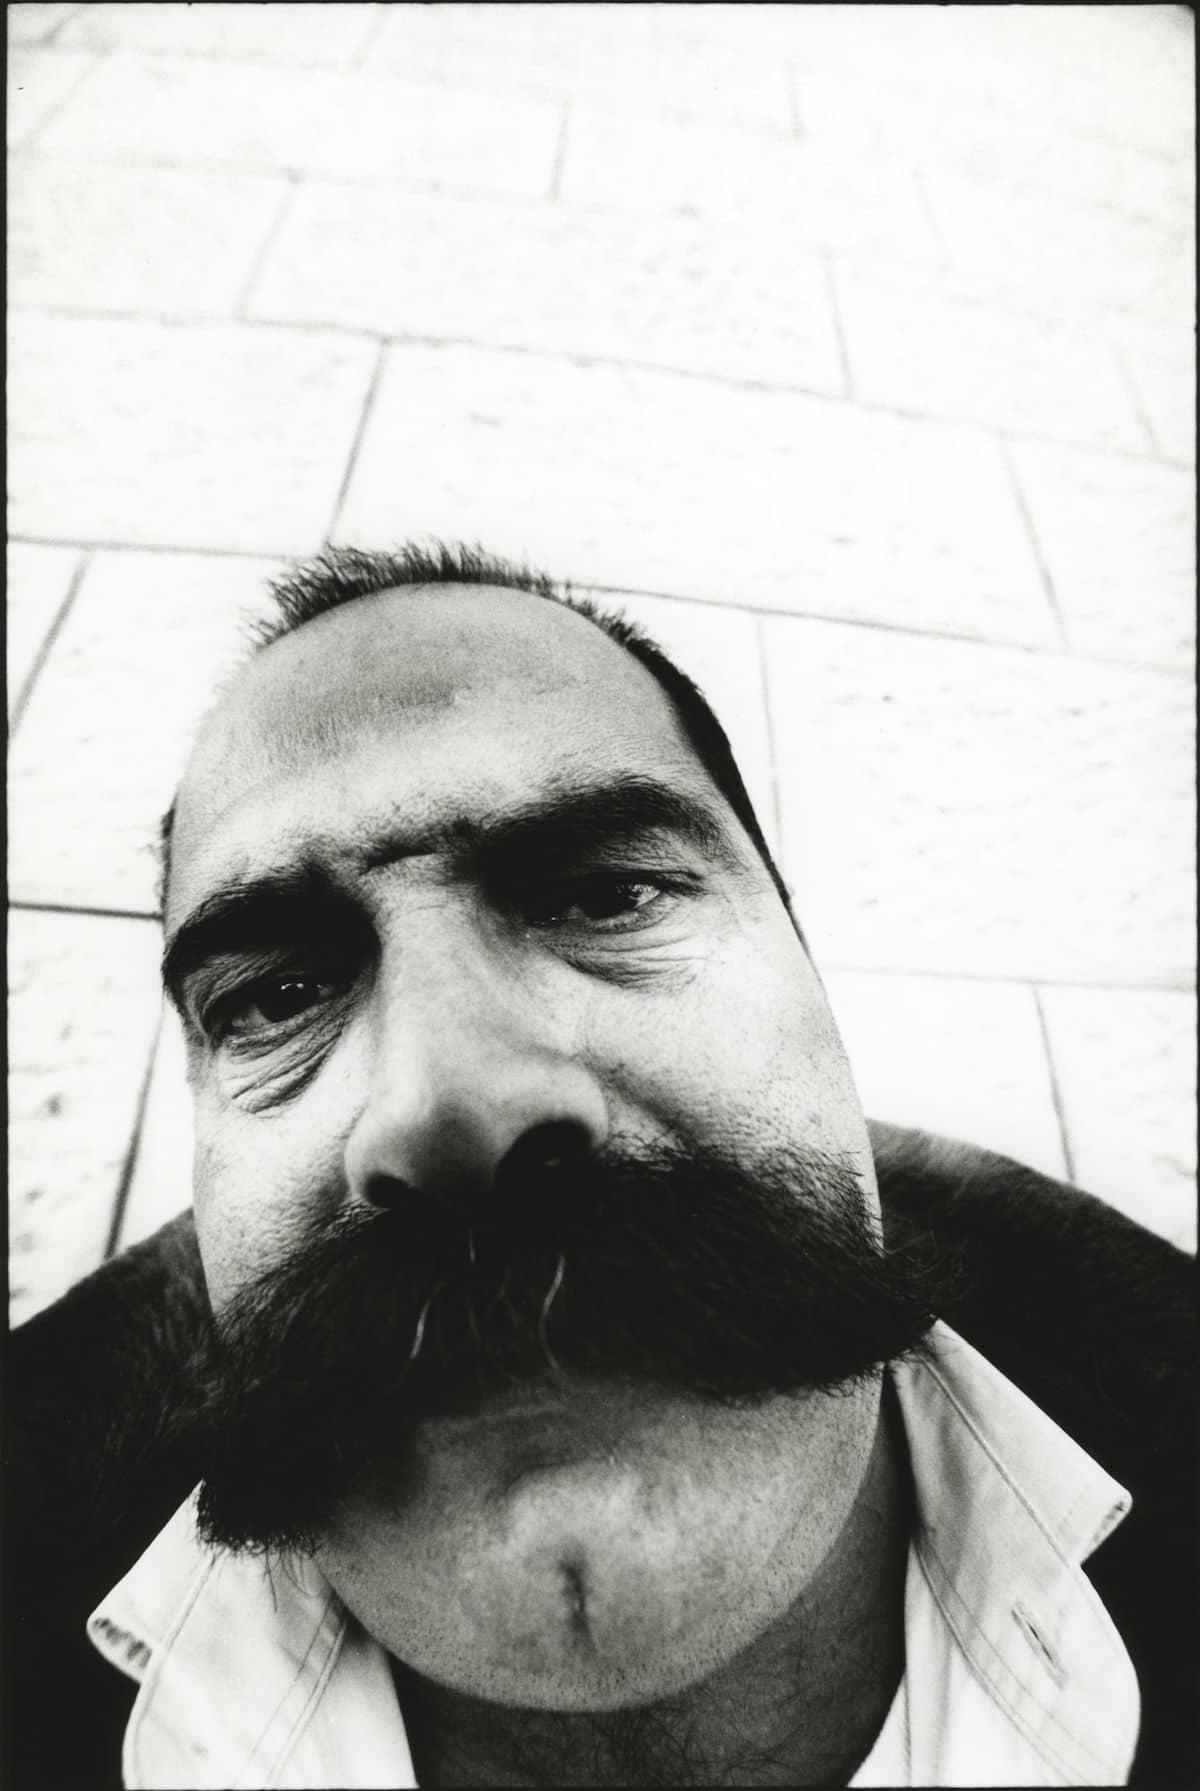 Retrato de un hombre por JR para el proyecto Face 2 Face